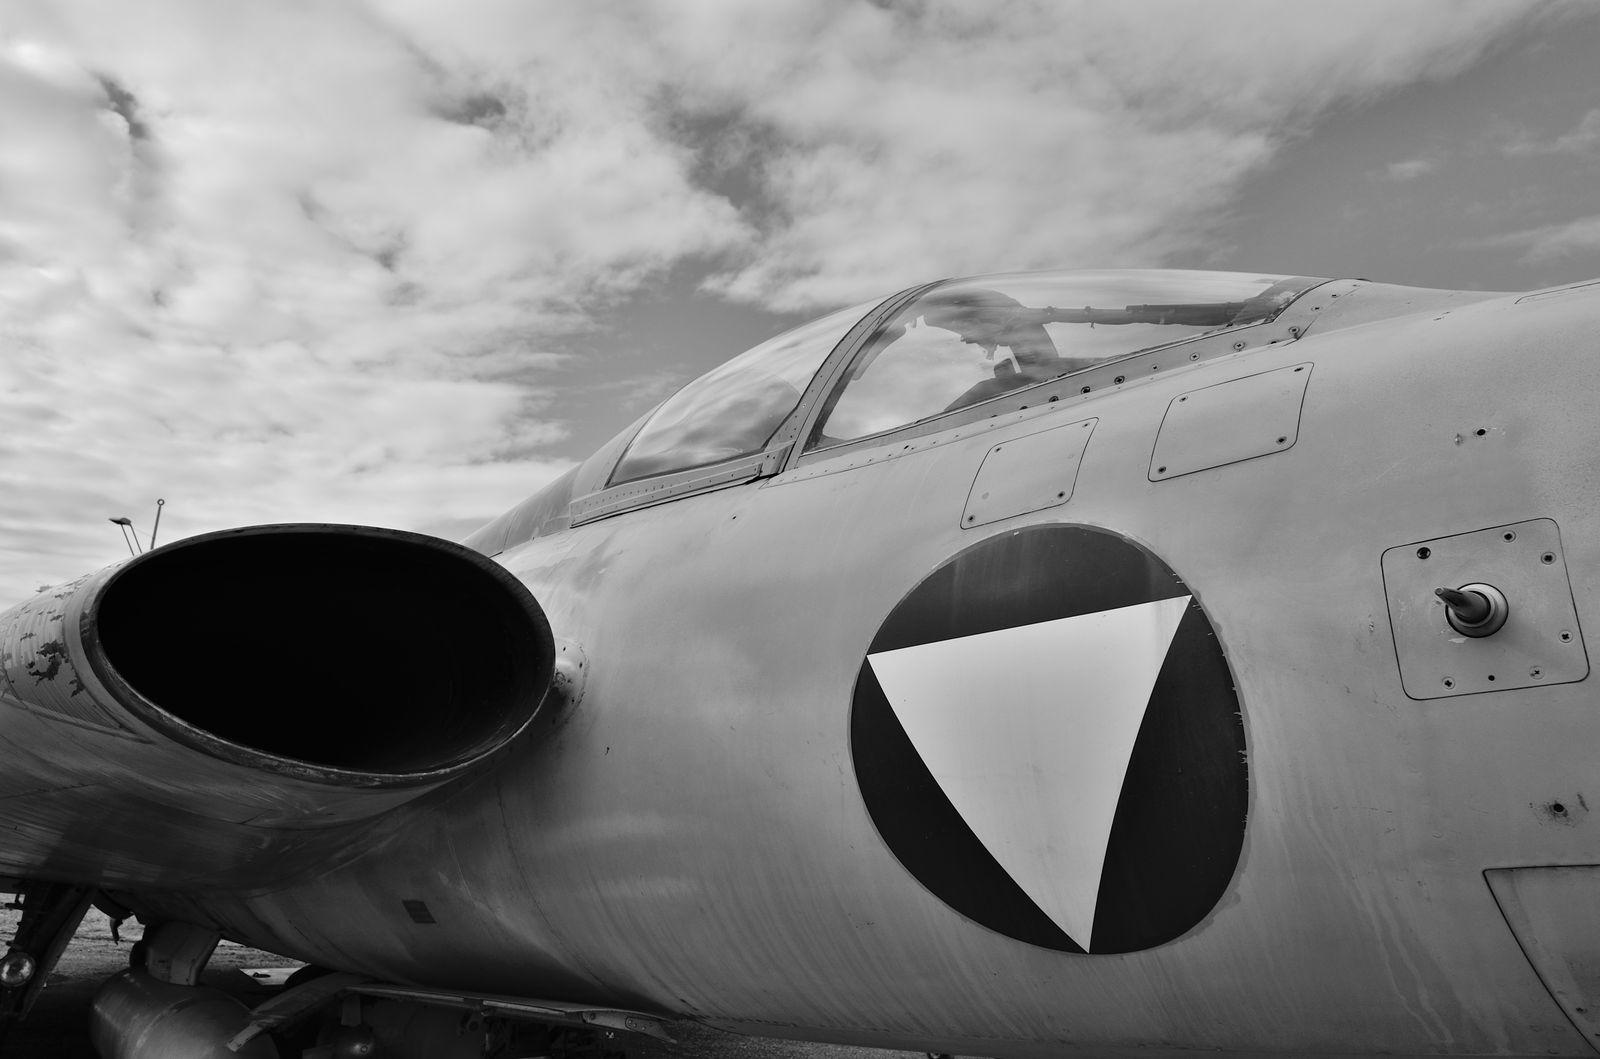 Différentes prises d'air sur des avions de chasse